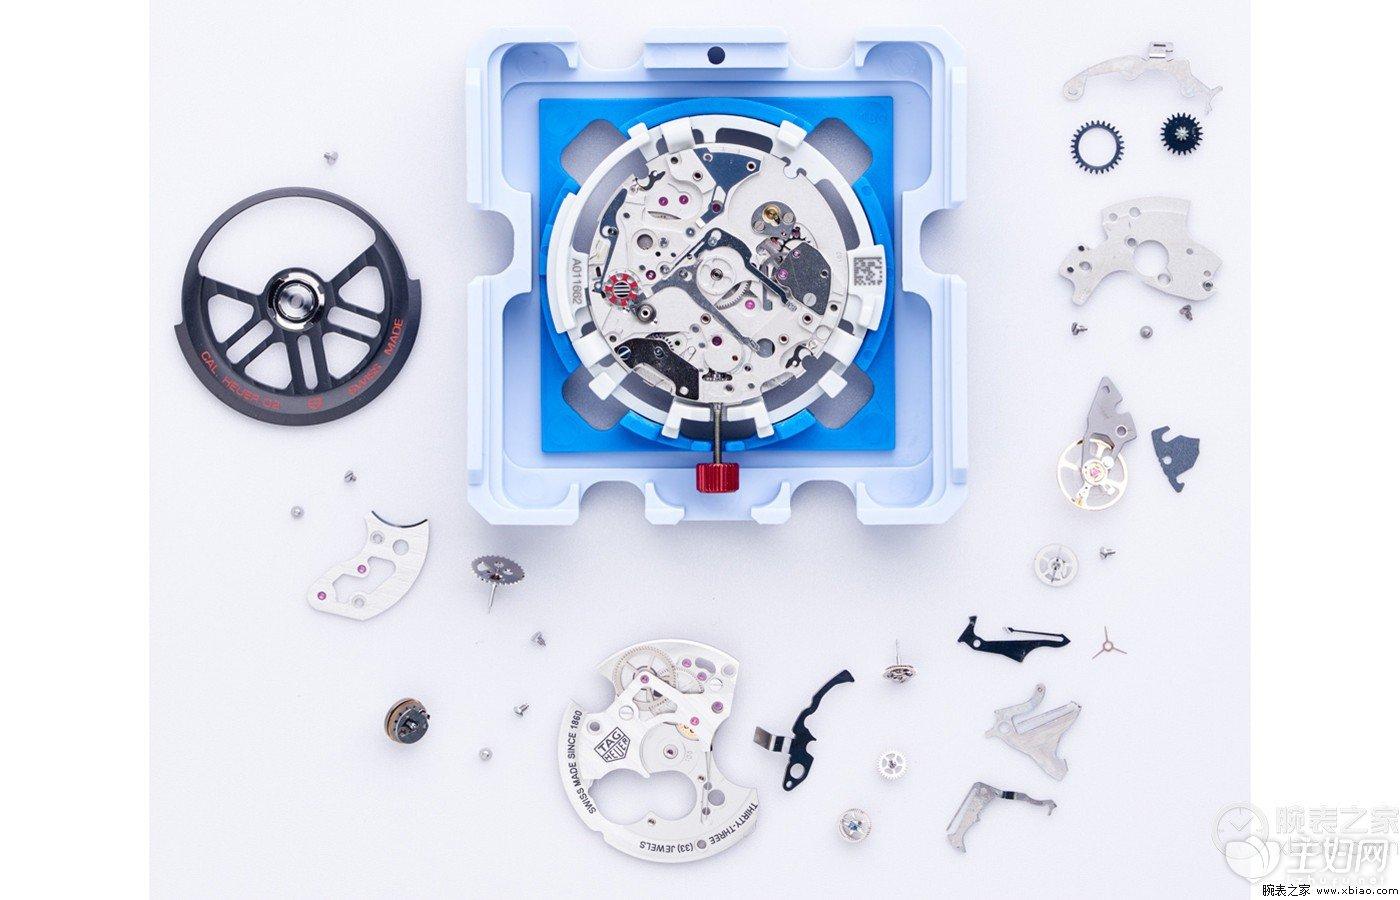 名表售后官方全面介绍「奢侈腕表」